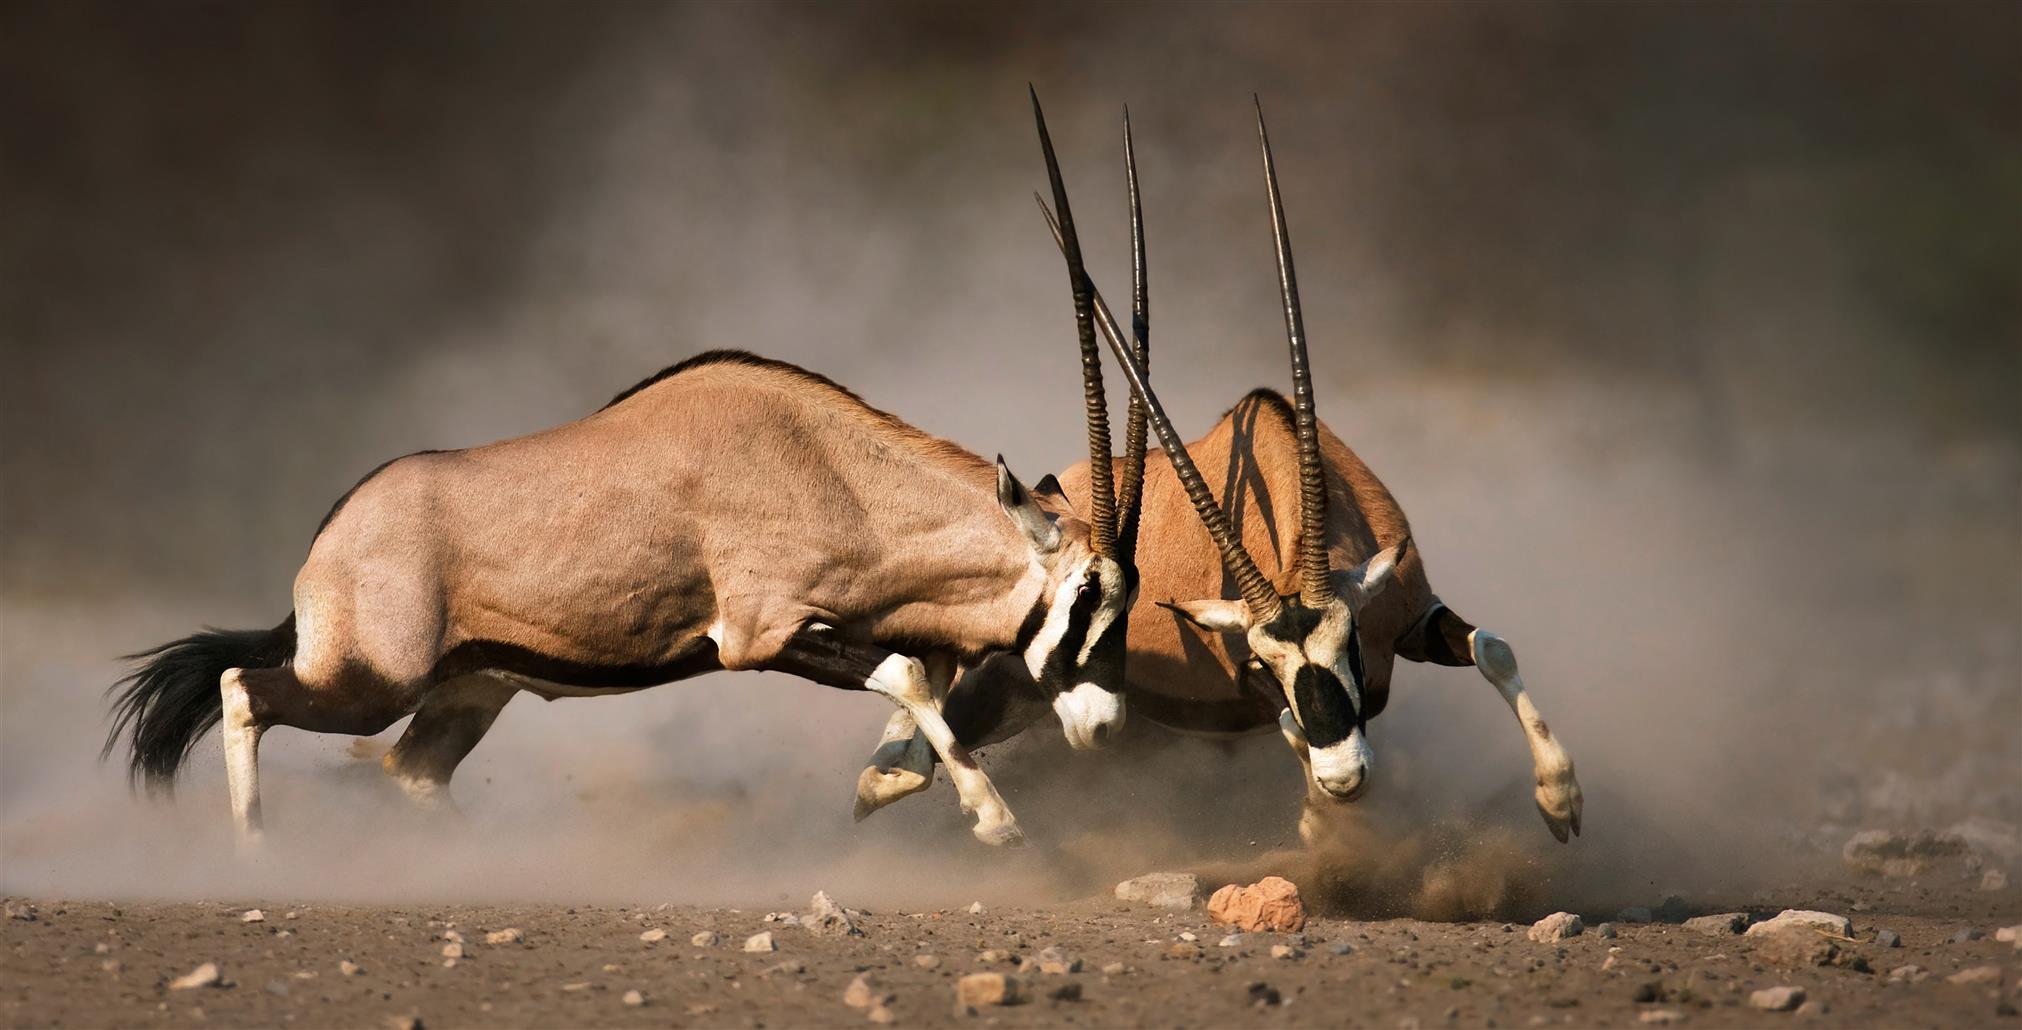 Dos gemsboks u órices del Cabo peleando en el Parque Nacional Etosha